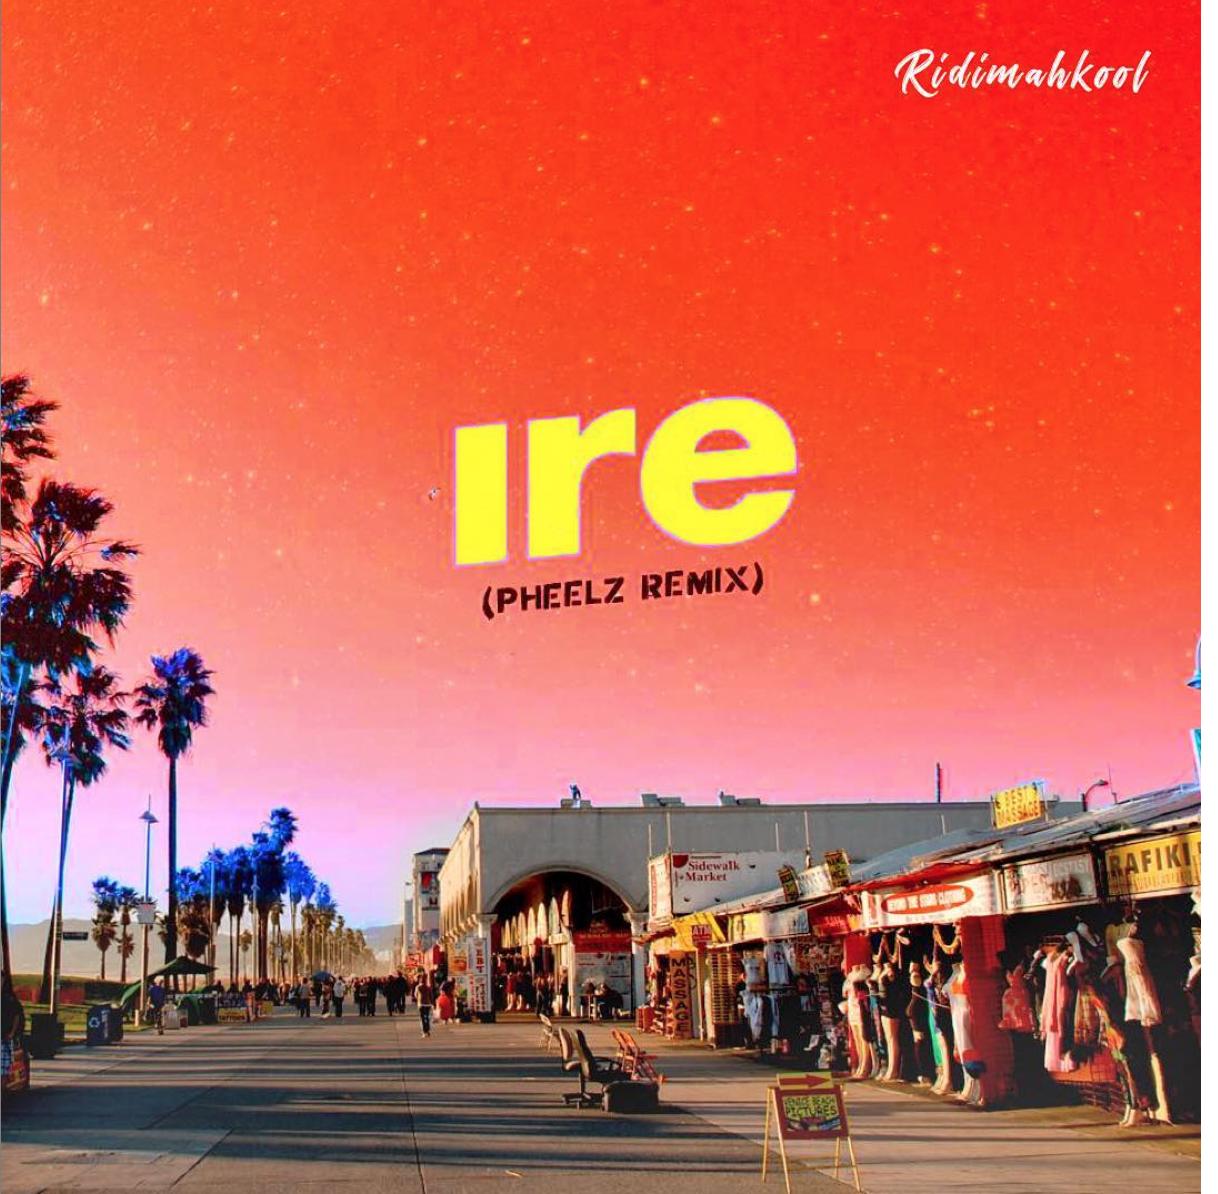 VIDEO: Adekunle Gold – Ire (Pheelz Remix)